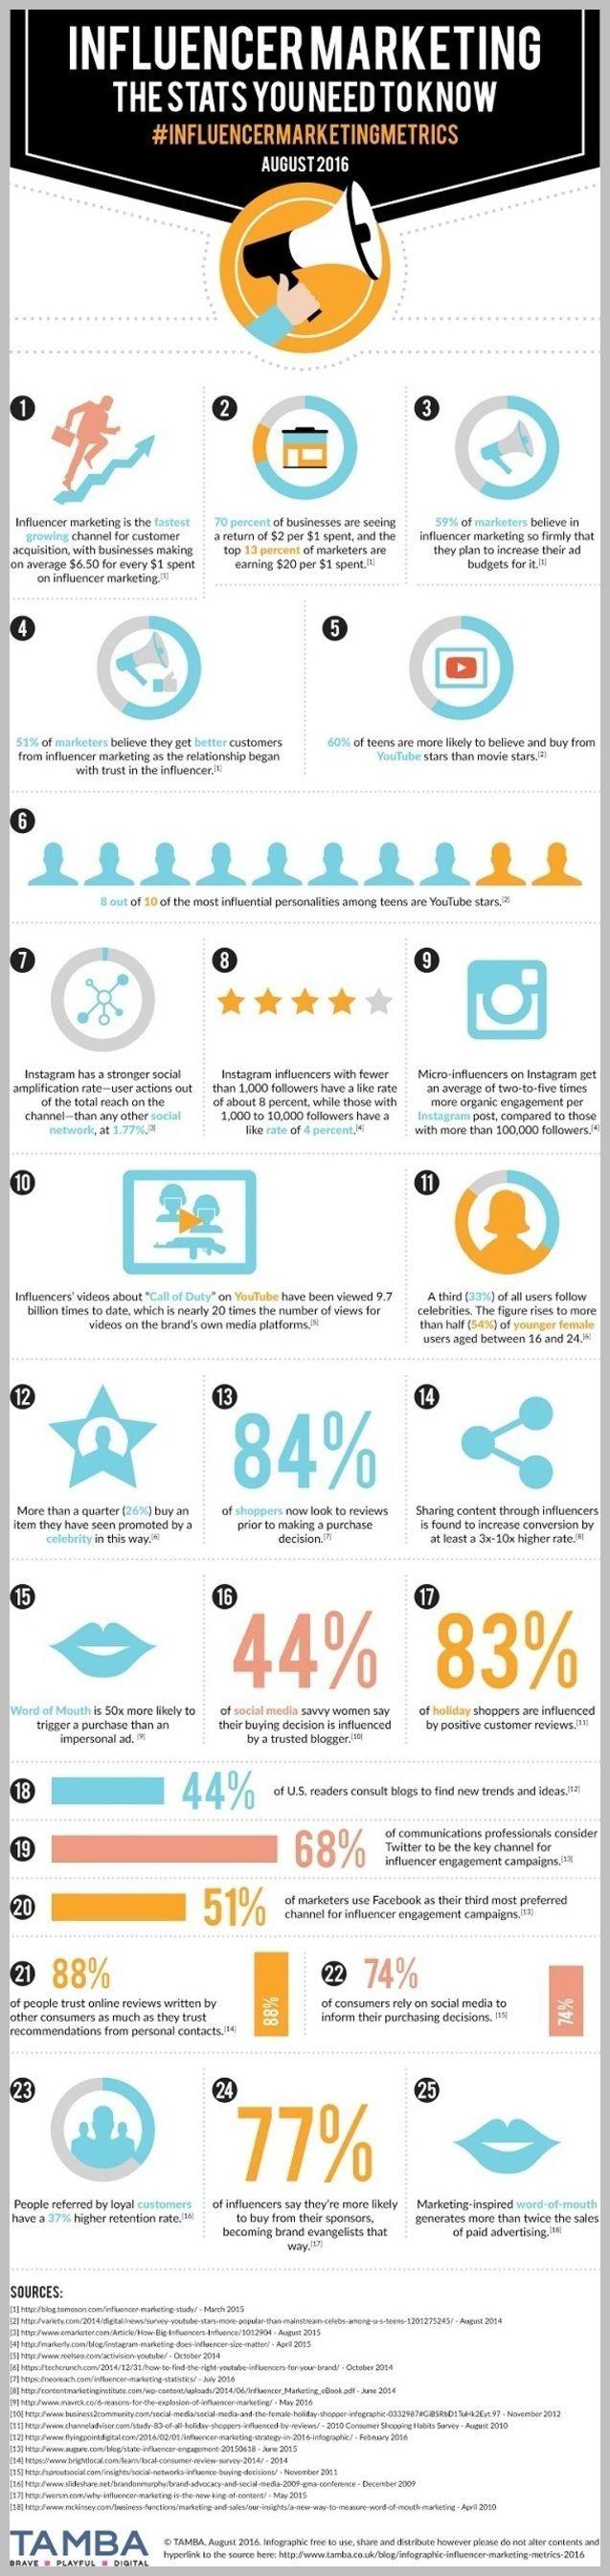 [Internet Marketing] - List Building Tips - Forum Blogs *** For more information, visit image link. #InternetMarketing #mobilemarketingstrategy